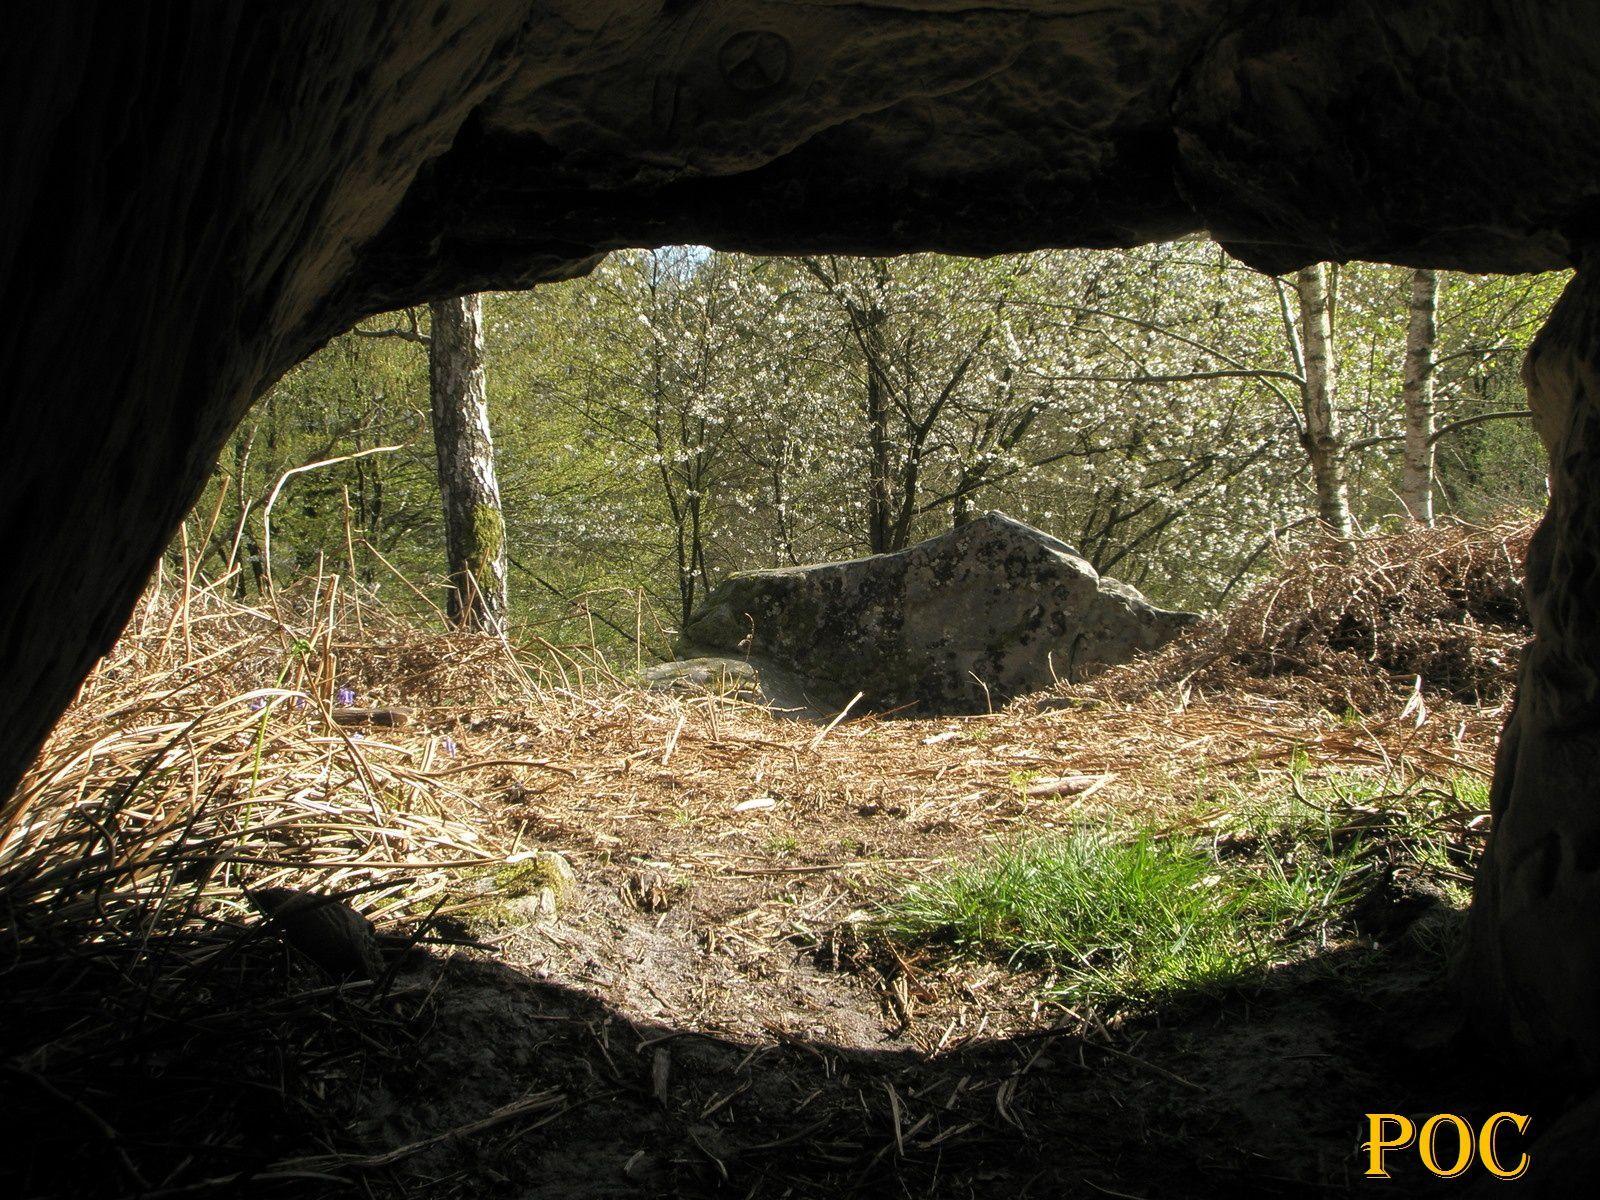 Abri orné mésolithique dans une forêt d'Ile-de-France. Photo: Pierre-Olivier Combelles